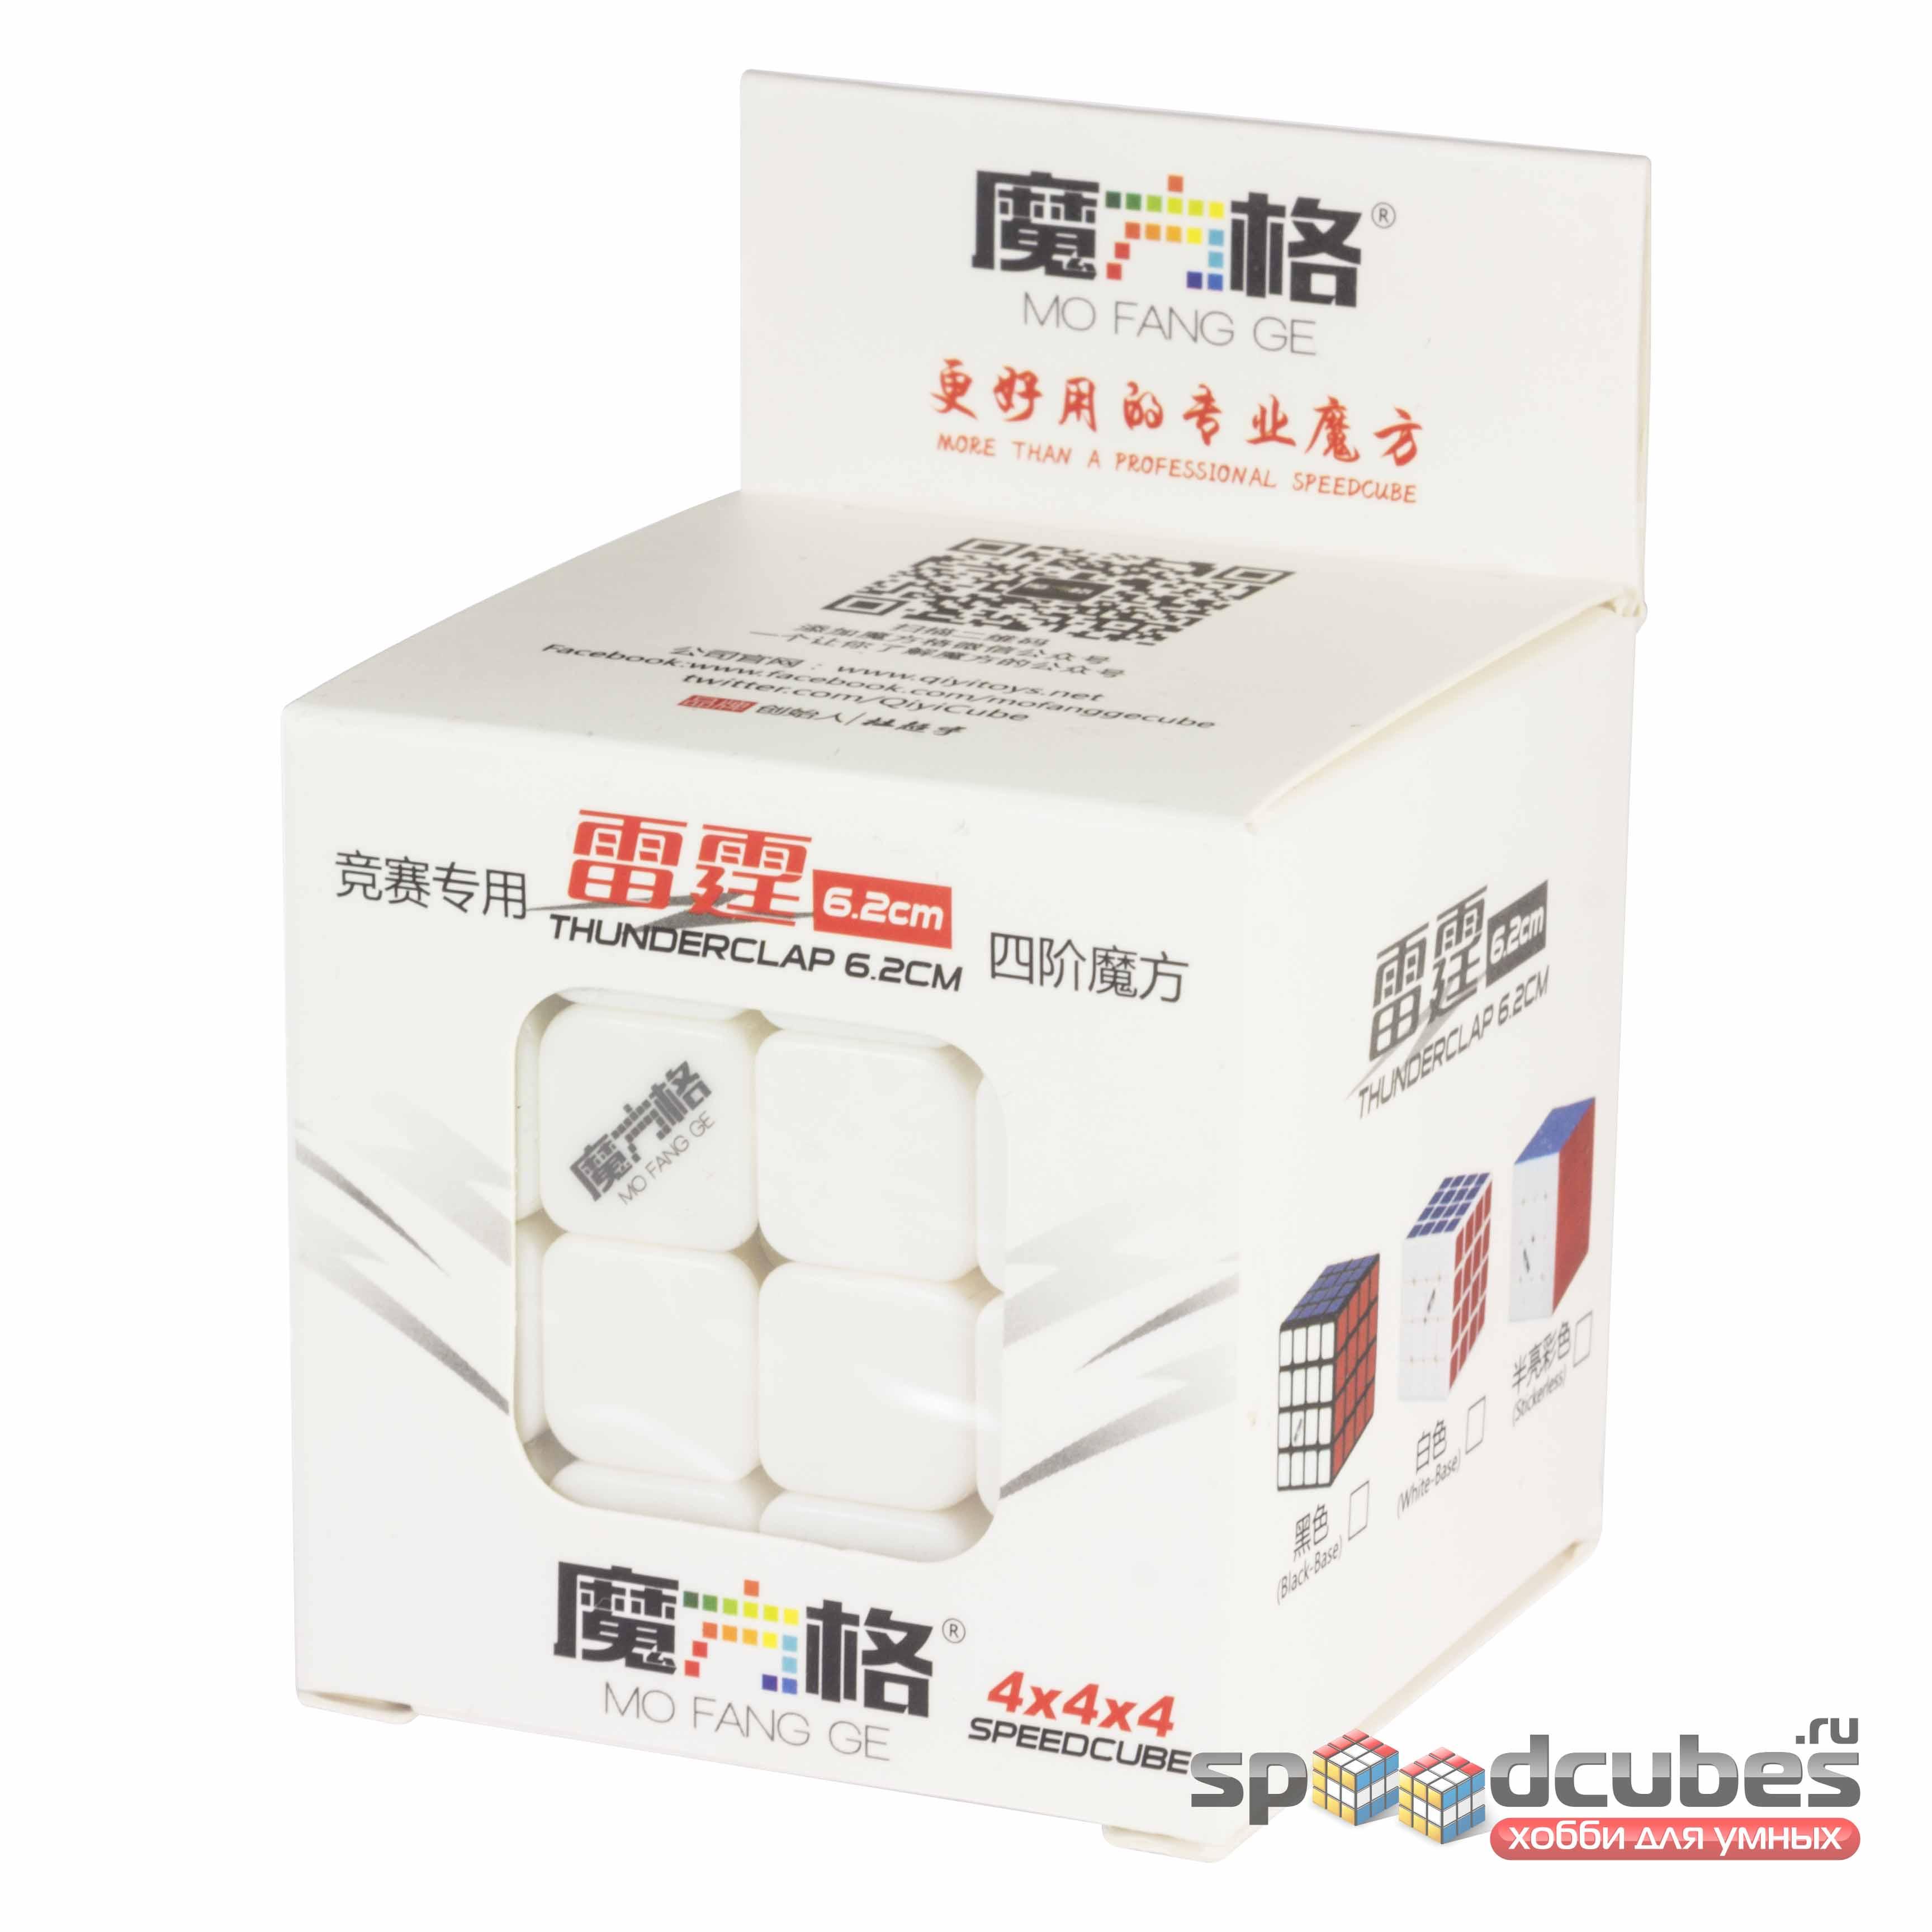 QiYi MoFangGe 4x4x4 Thunderclap 62 Cm Tsv 1